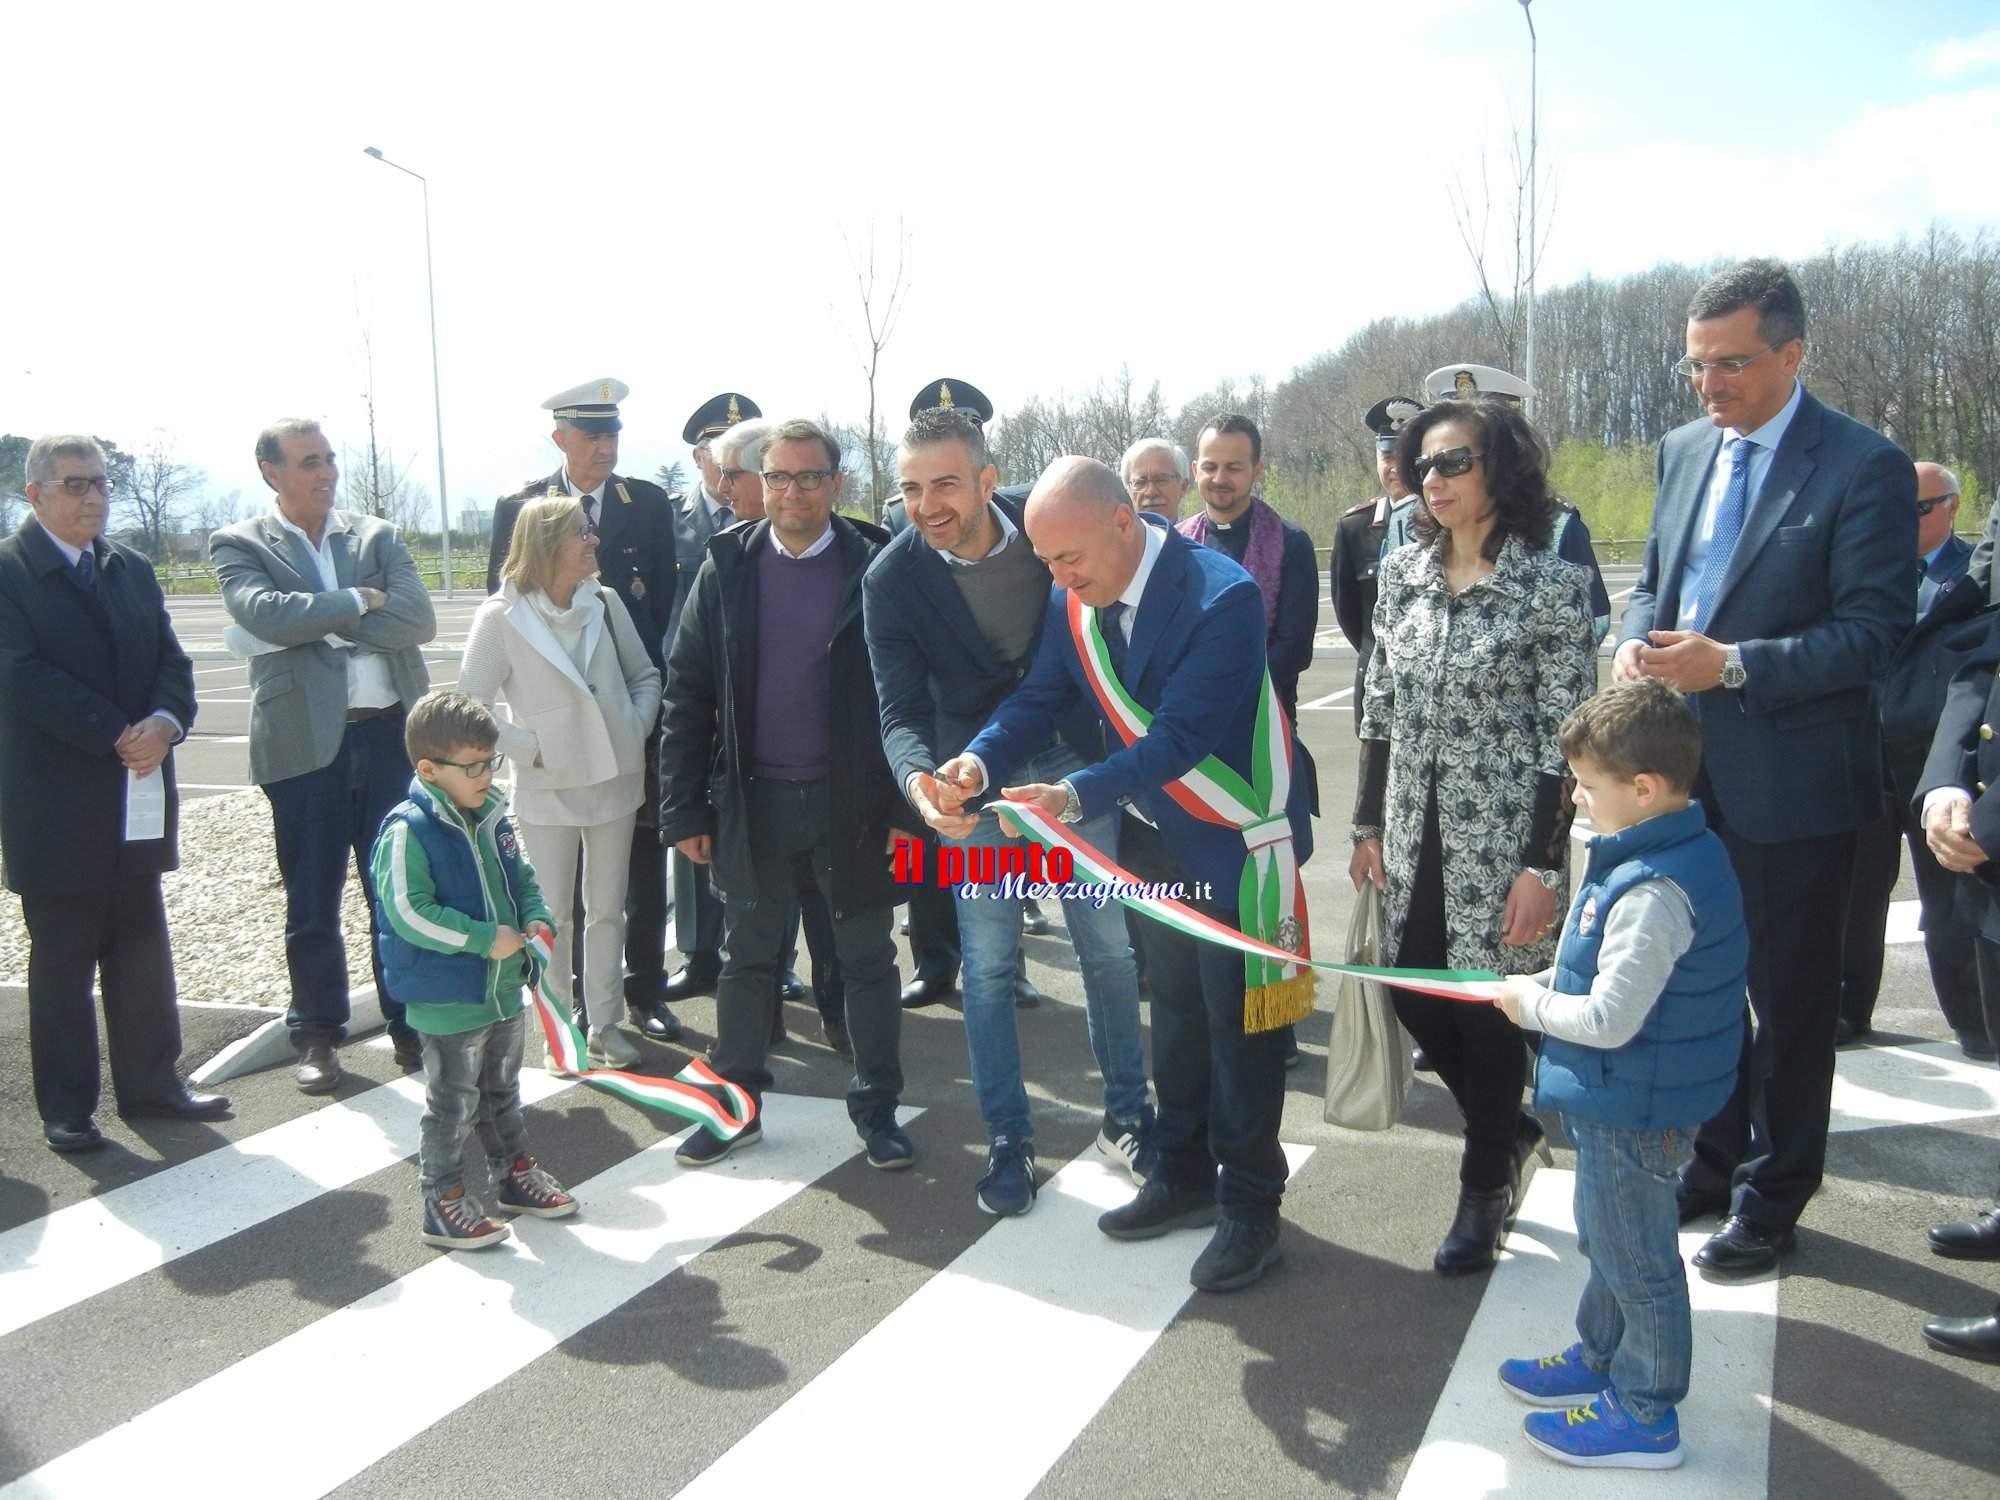 Frosinone, inaugurato il parcheggio per stadio e ospedale